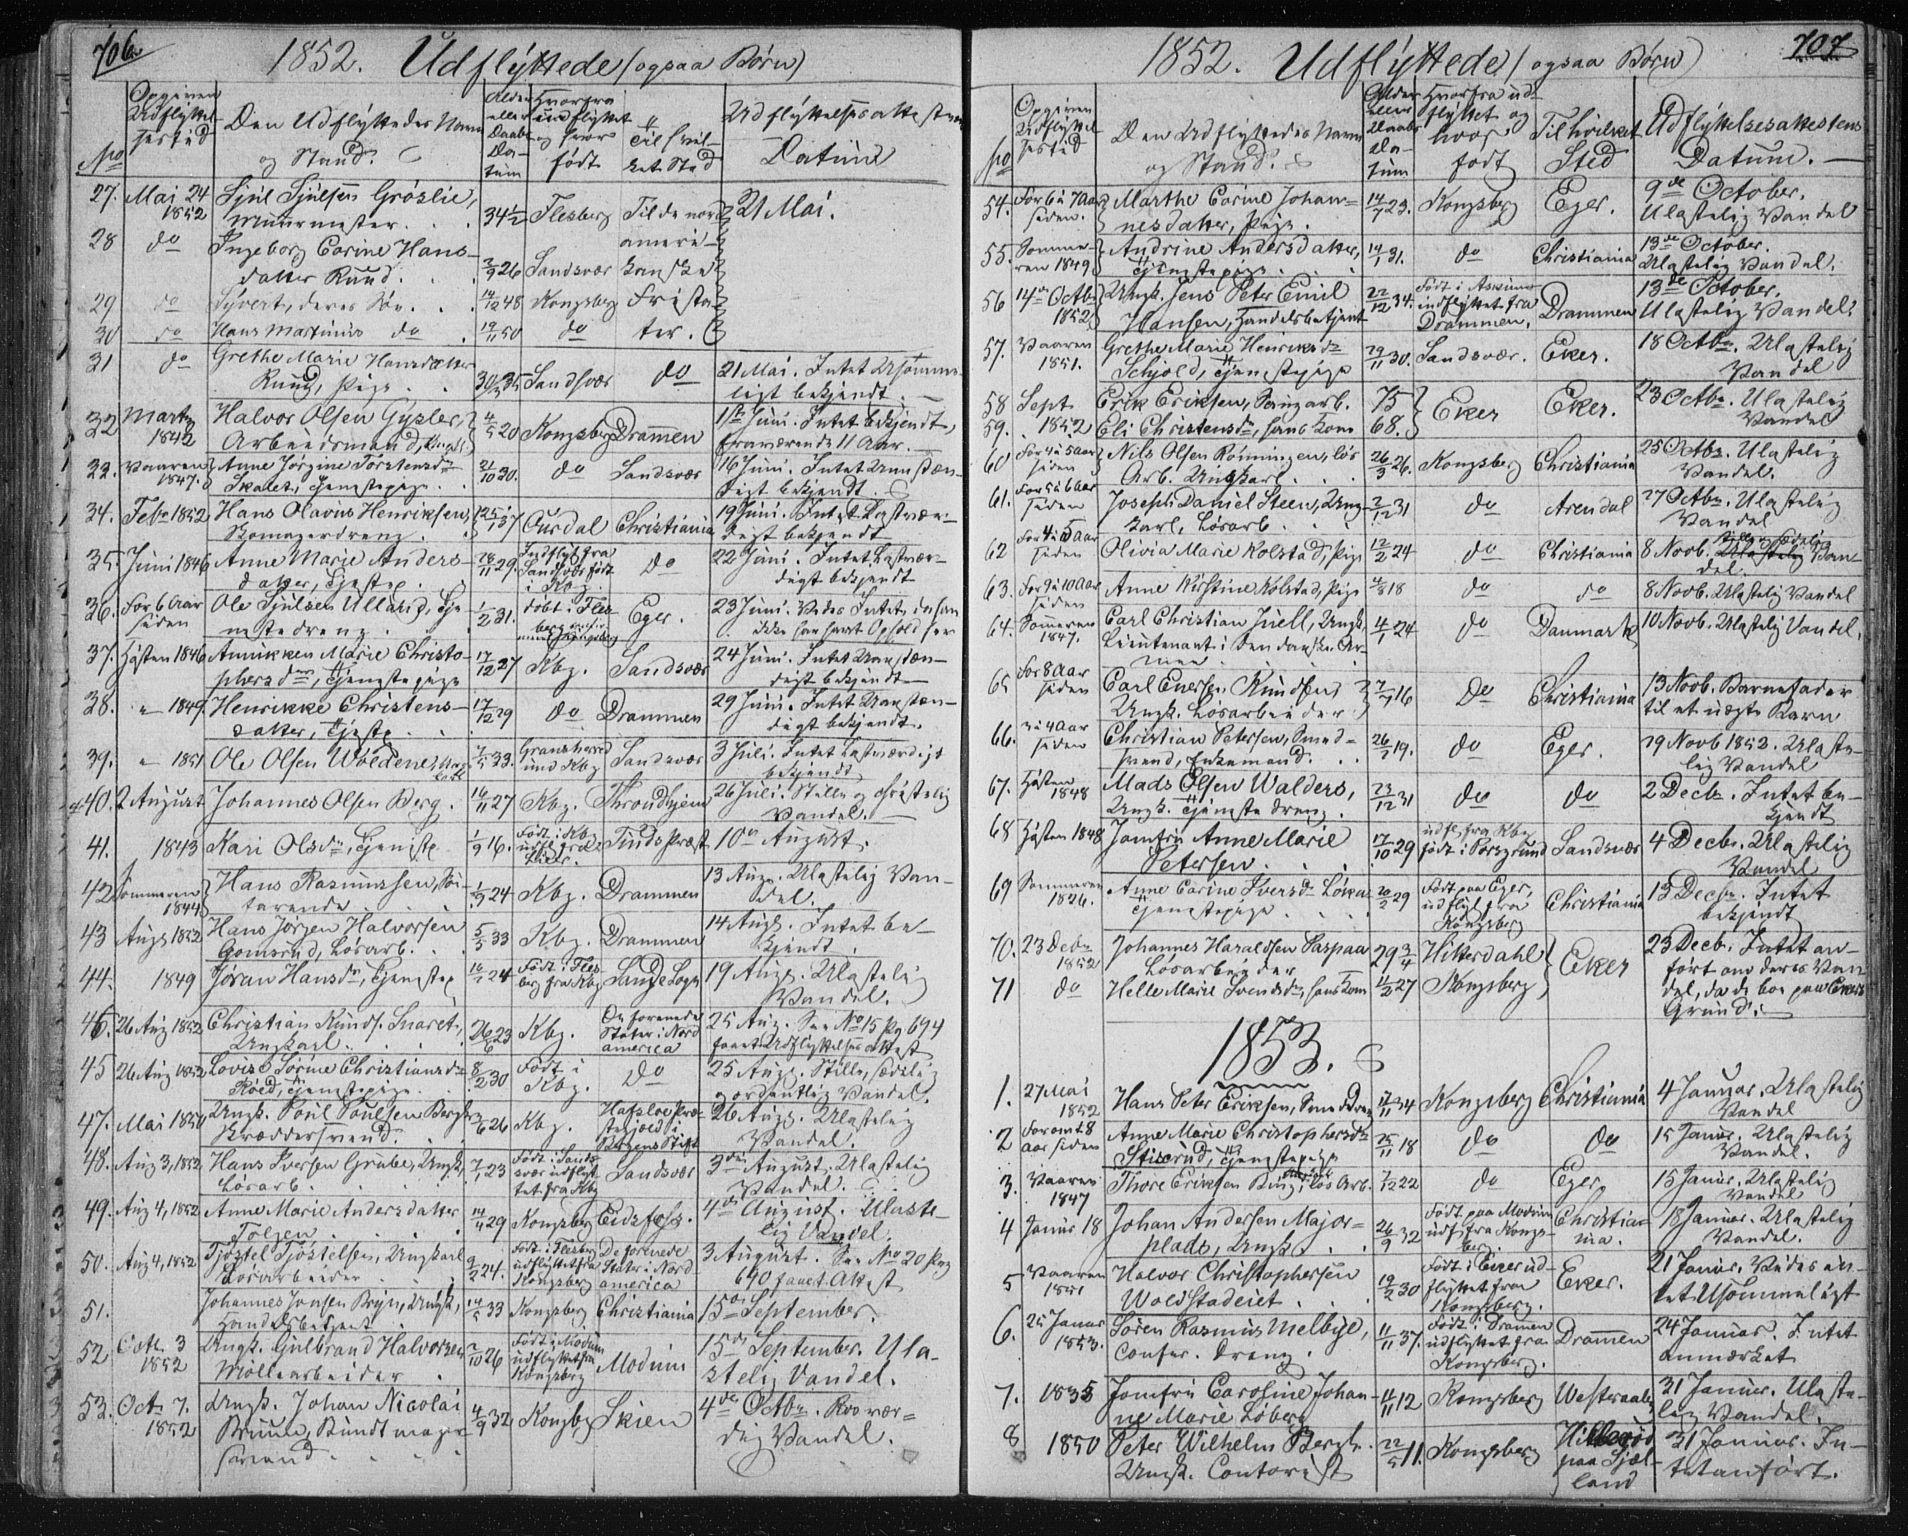 SAKO, Kongsberg kirkebøker, F/Fa/L0009: Ministerialbok nr. I 9, 1839-1858, s. 706-707